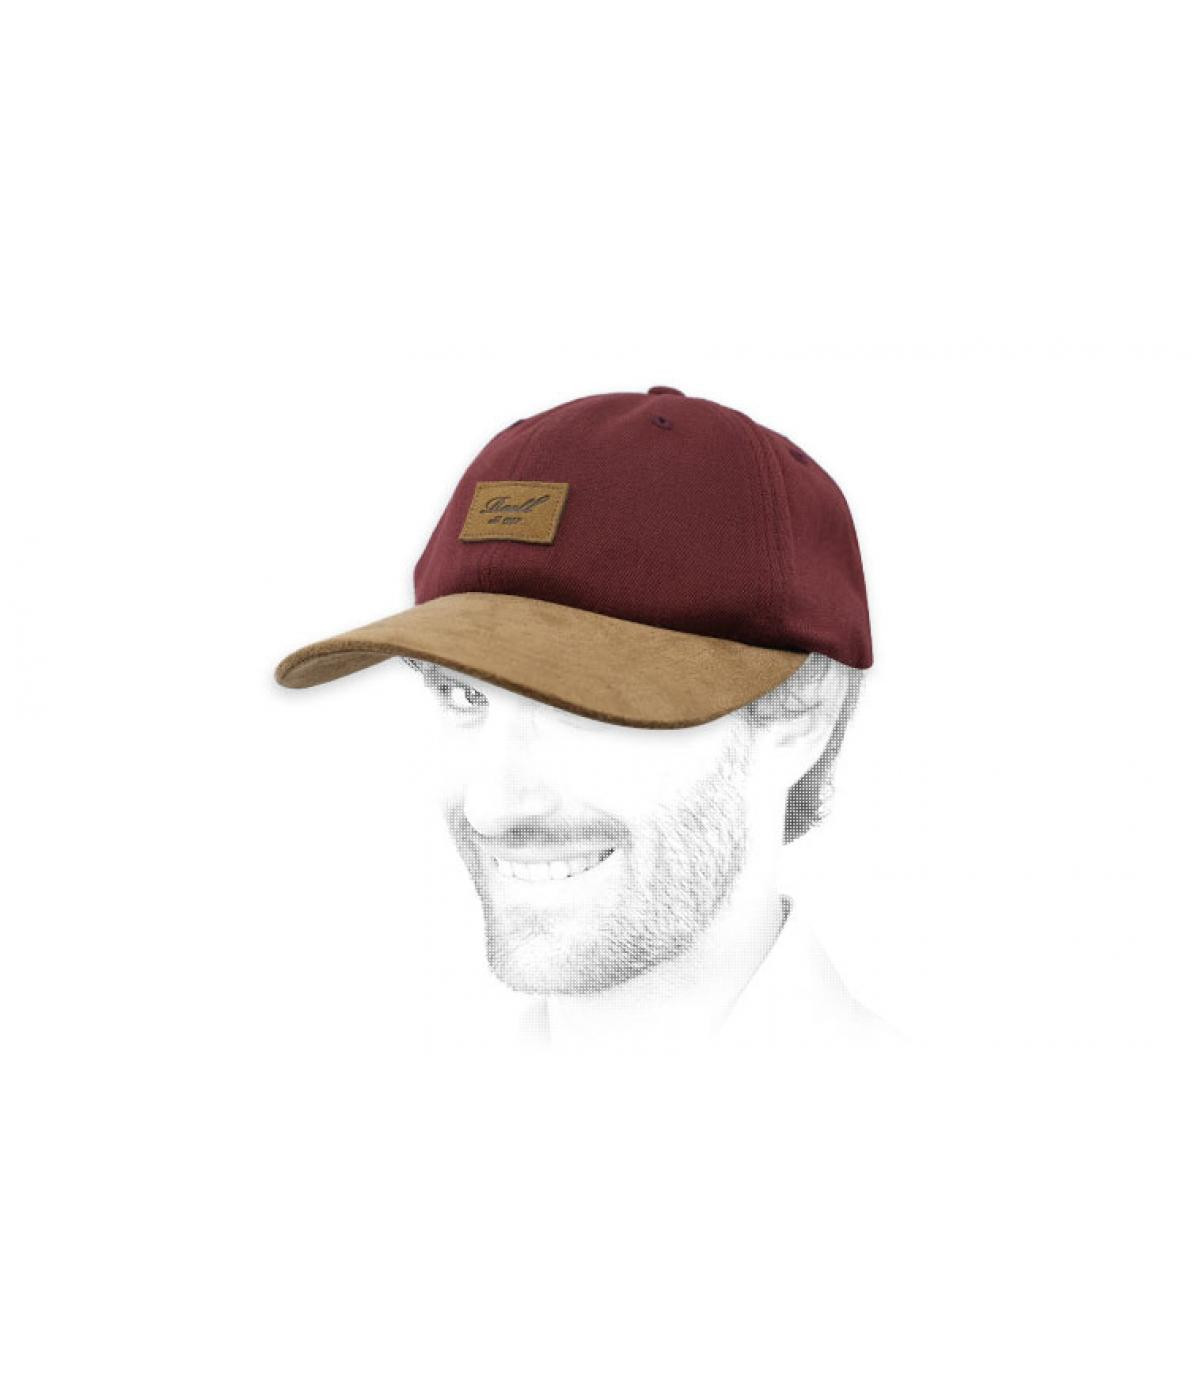 casquette Reell bordeaux